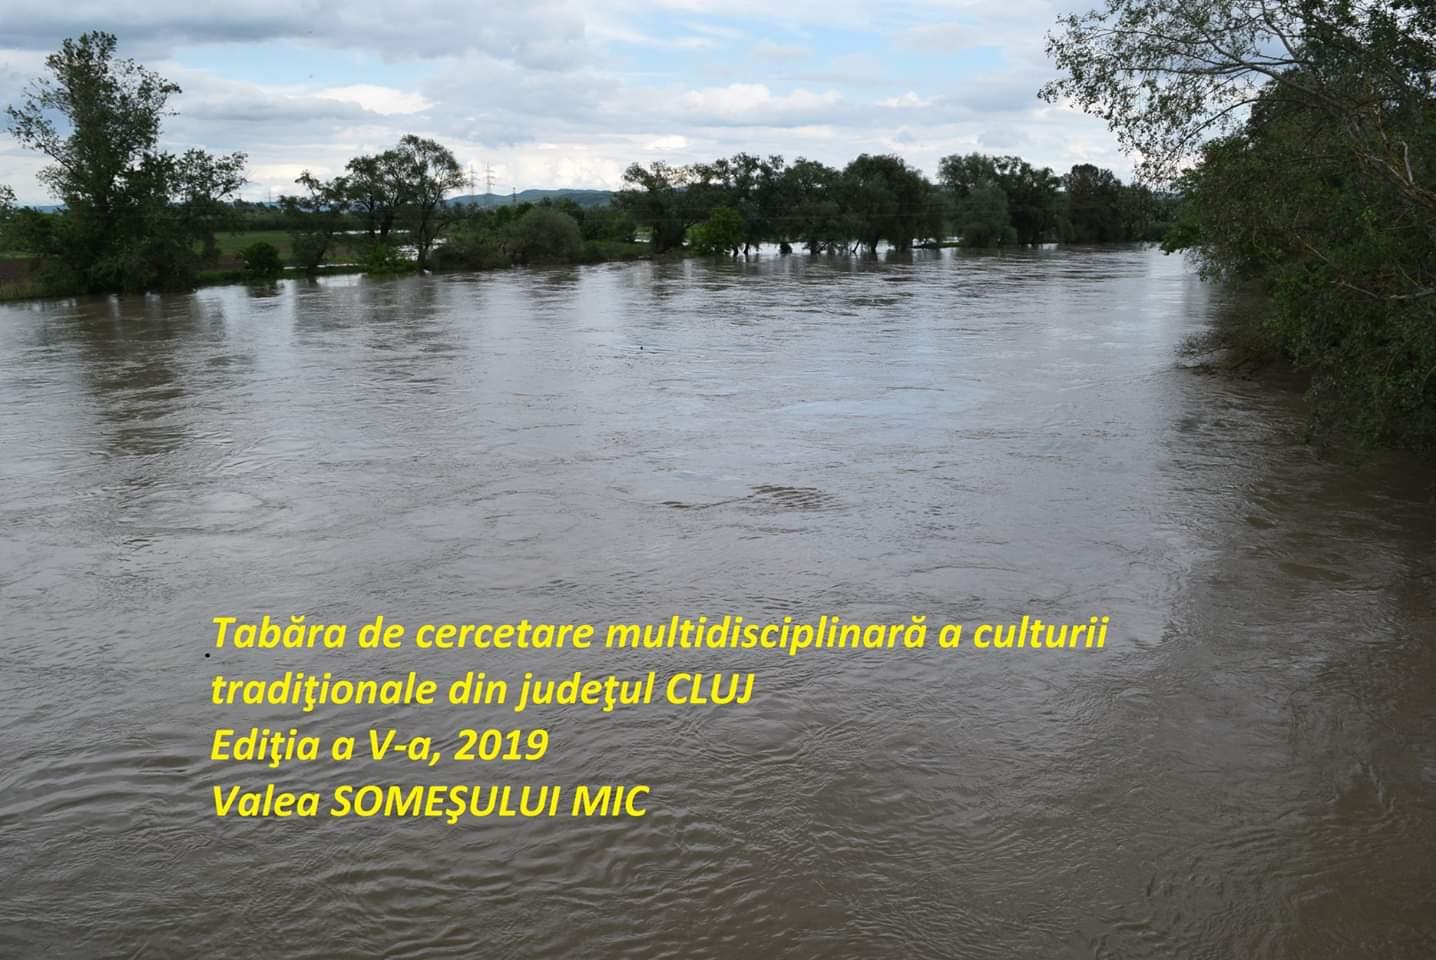 Ediția a V- a taberei de cercetare multidisciplinară a culturii tradiționale din județul Cluj